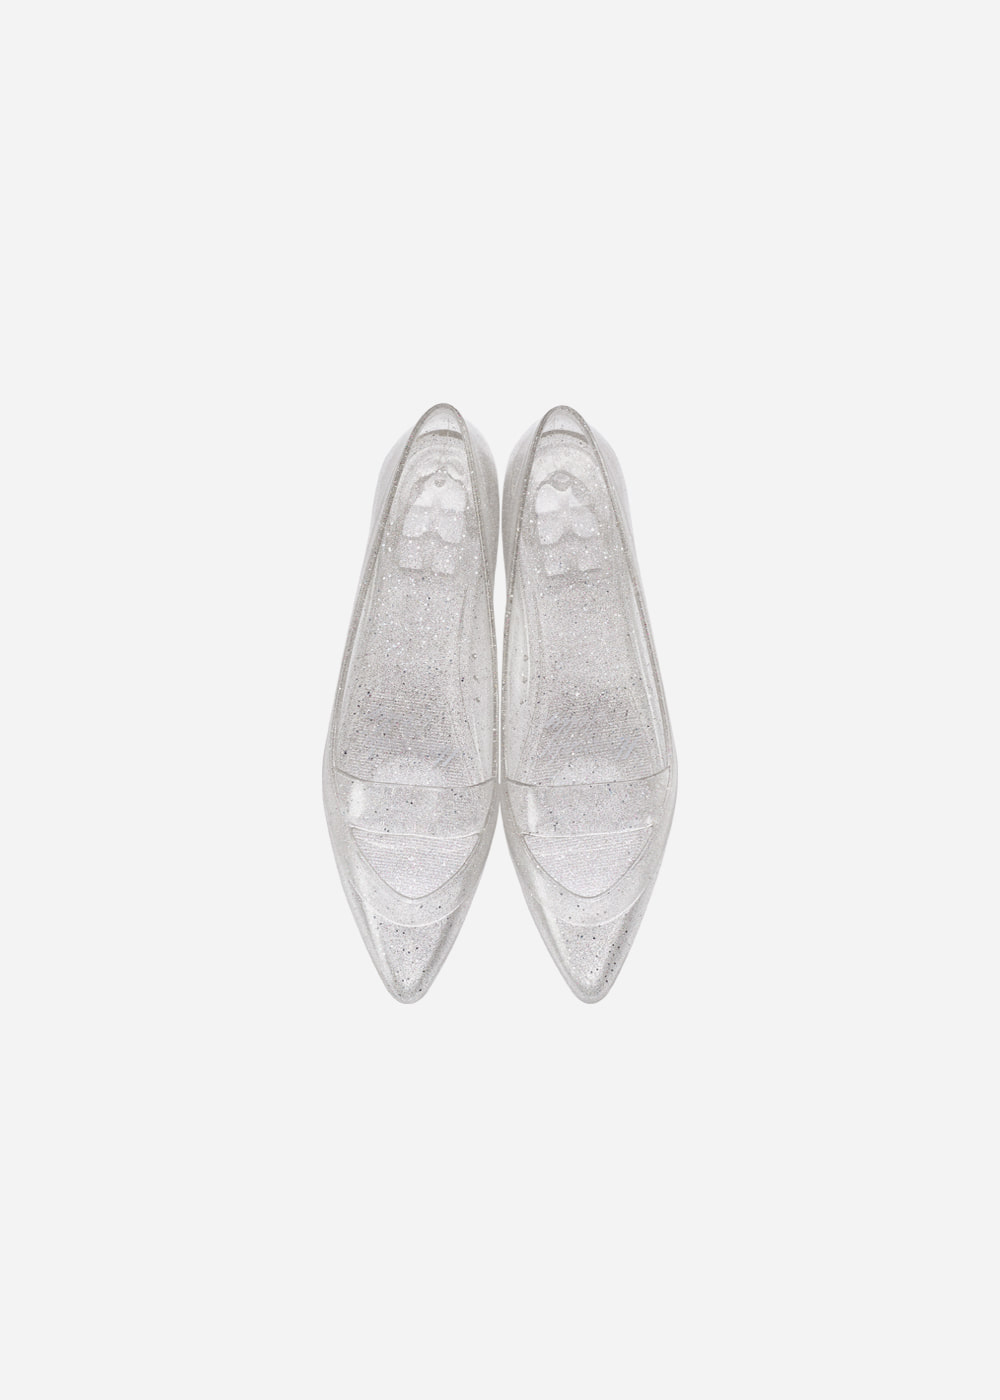 [Heavenly Jelly] Sleek Glitter Silver